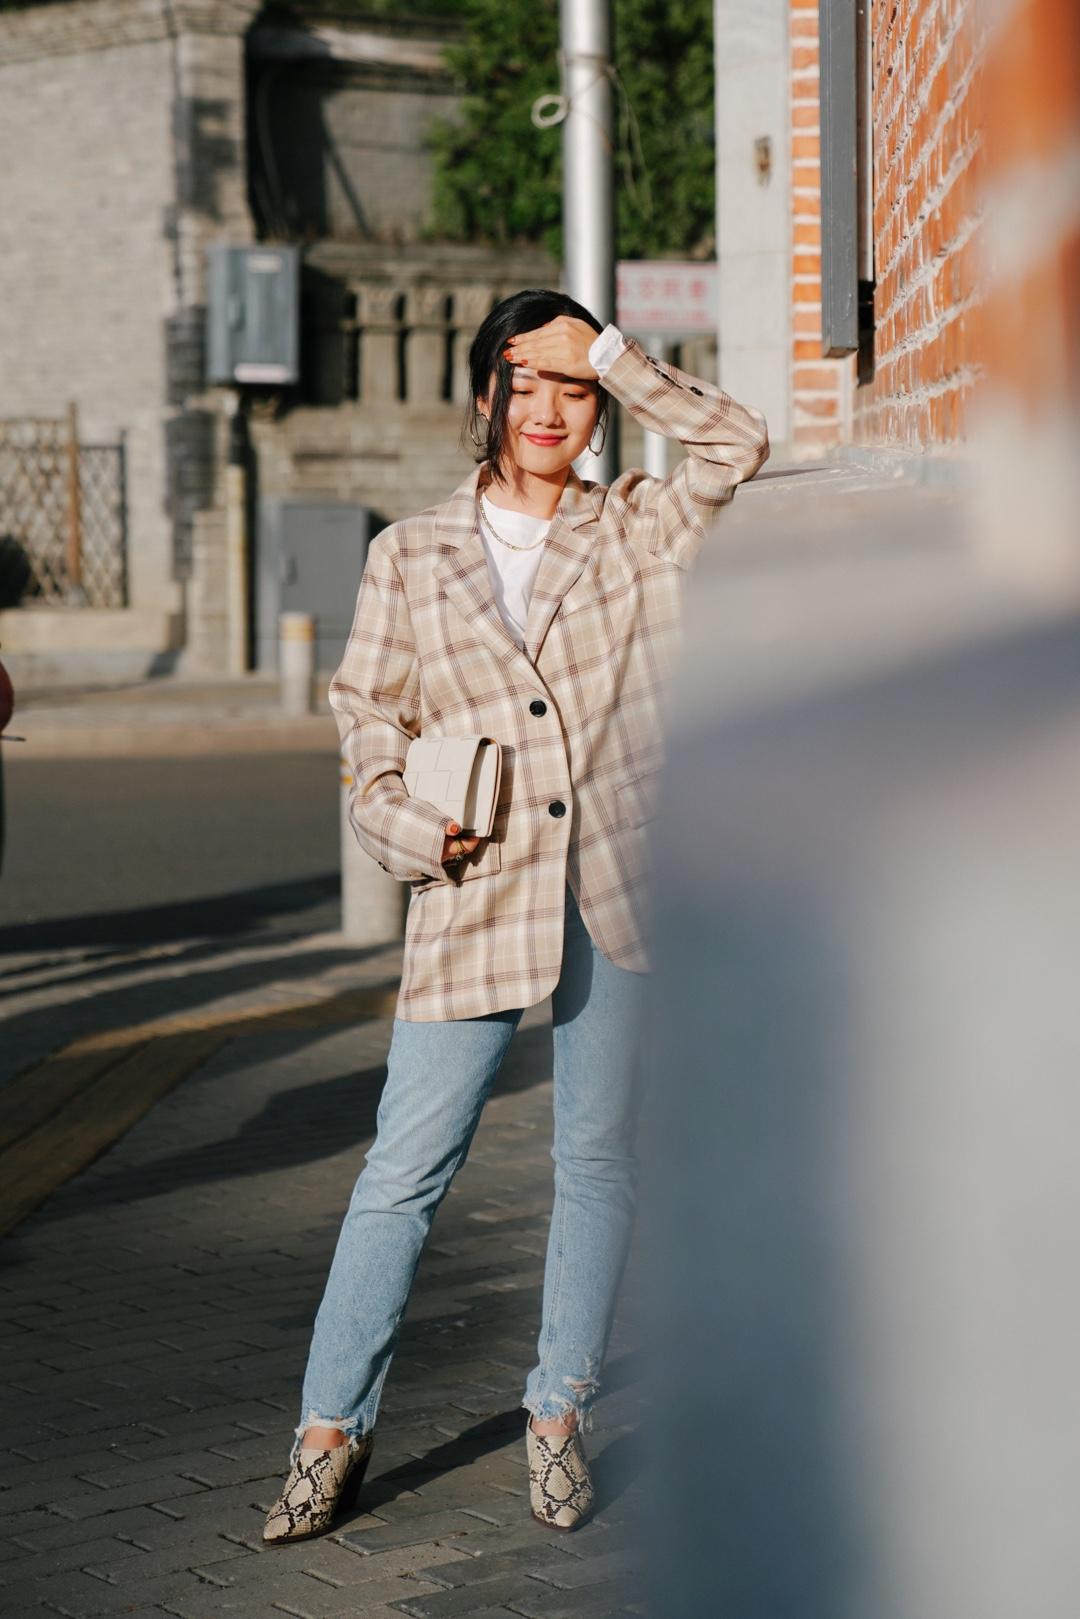 穿西装的美好秋日。焦糖棕格纹的配色太美了,搭配清爽的直筒蓝色牛仔裤,是秋高气爽的出街造型。动物纹压纹短靴也和西装的颜色很配。  外套:果核宇宙 牛仔裤:agolde 包:bv 靴子:mango #双11约会穿搭,一招搞定男神!#